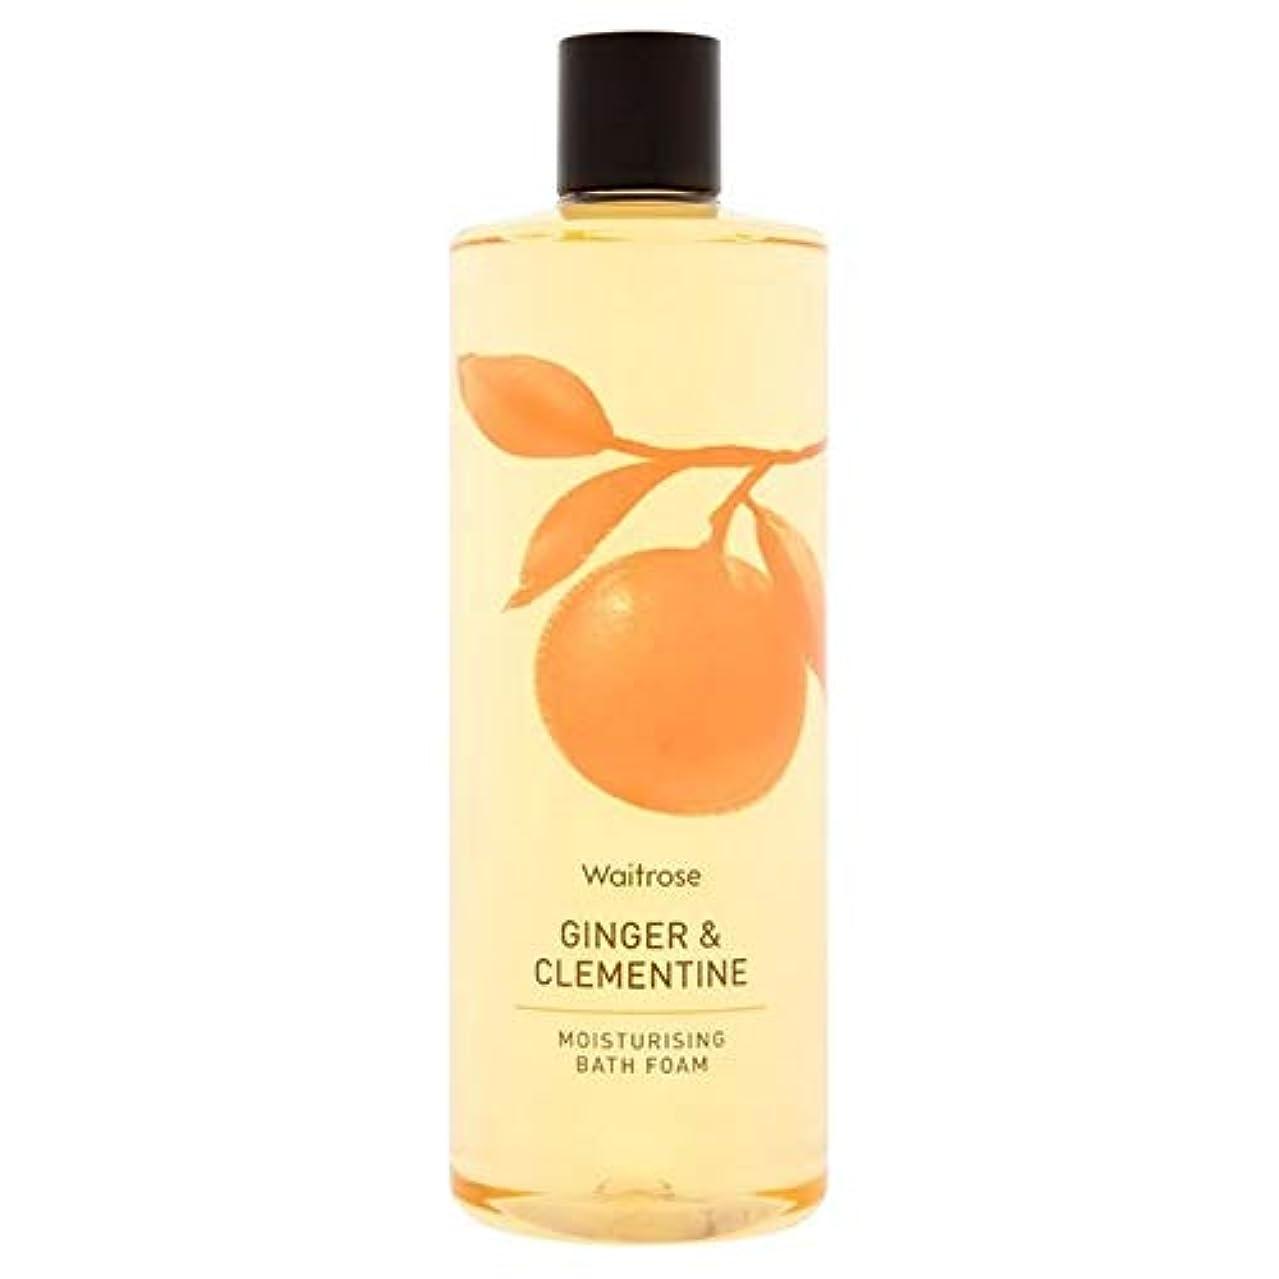 鉛チューブポジション[Waitrose ] ウェイトローズジンジャー&クレメンタイン泡風呂500ミリリットル - Waitrose Ginger & Clementine Foam Bath 500ml [並行輸入品]